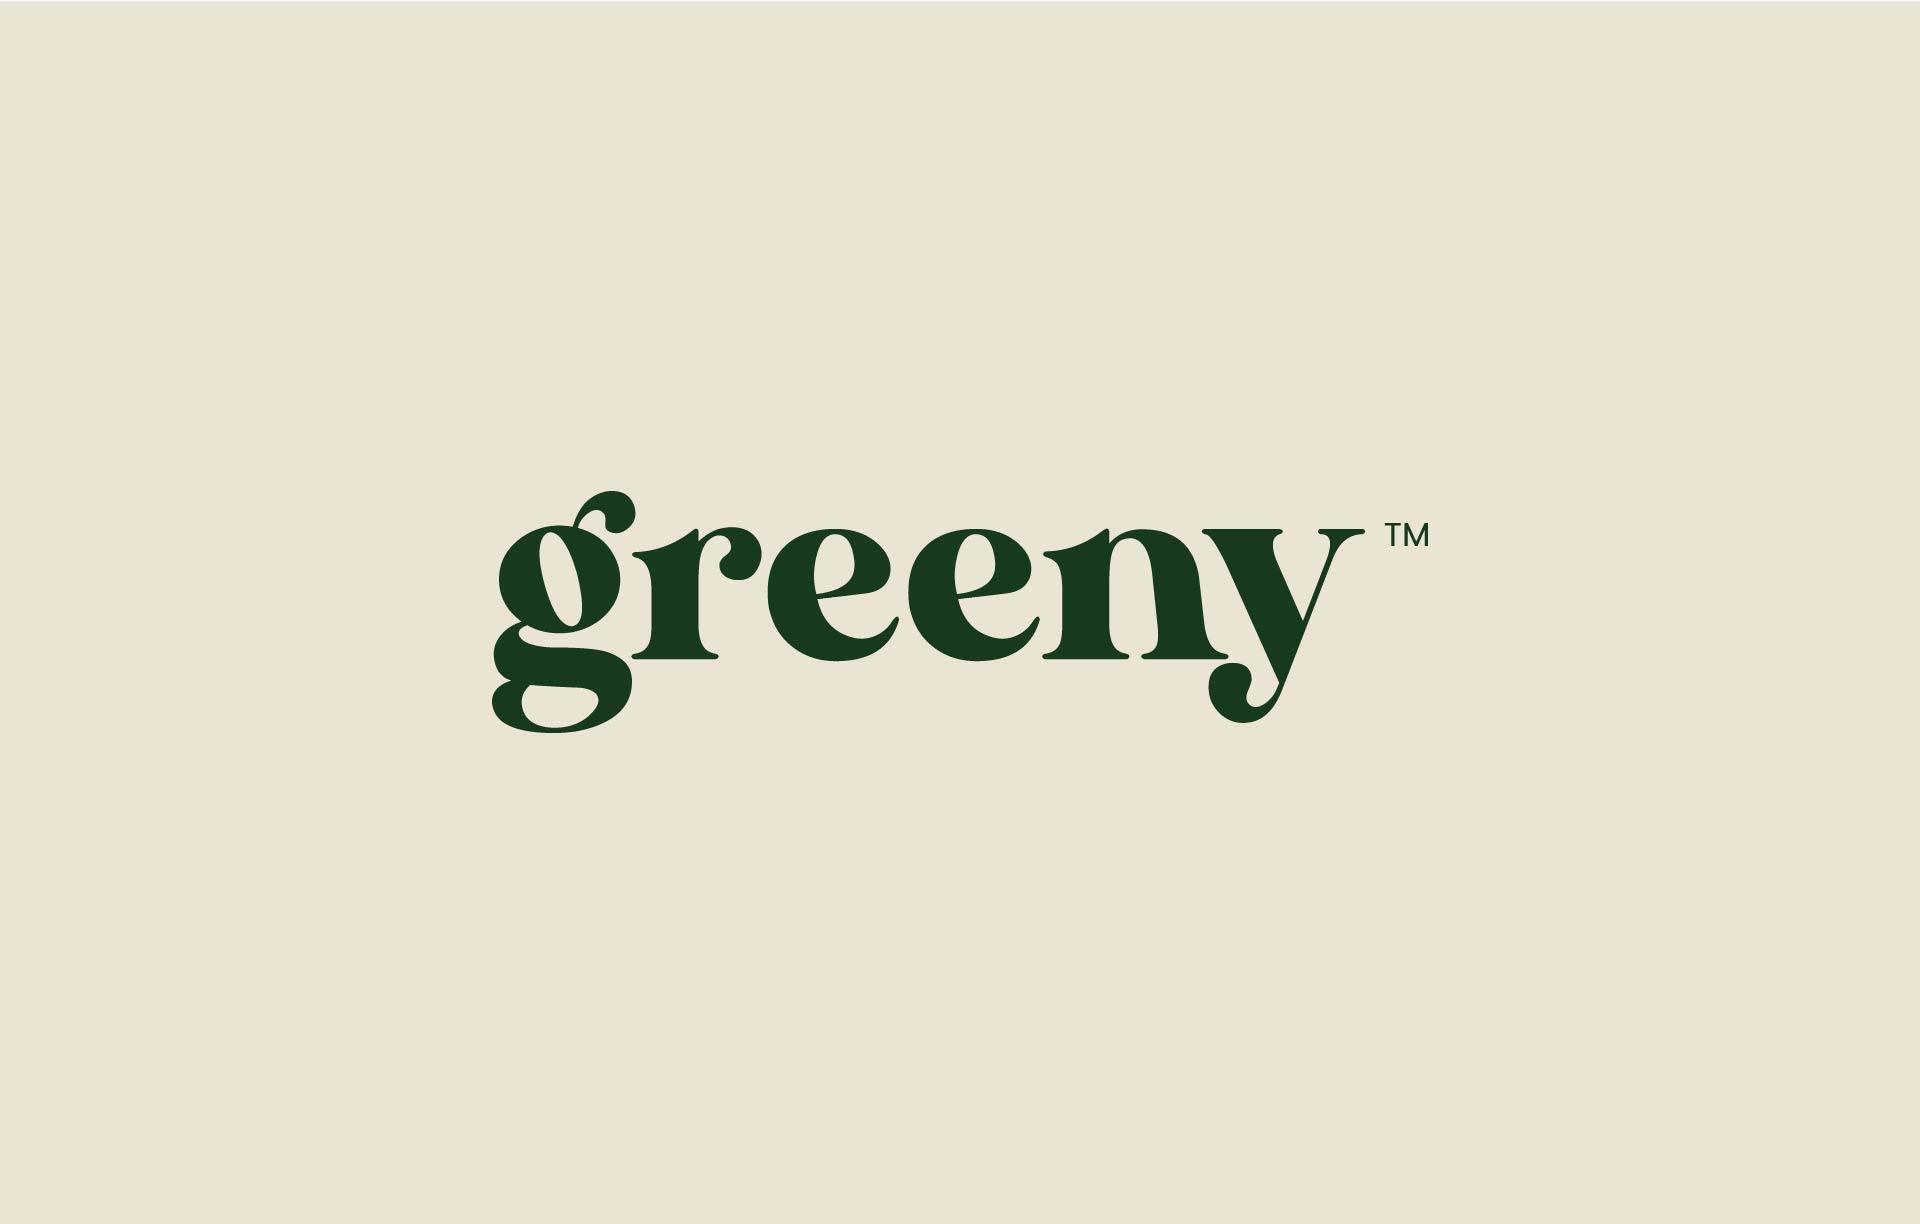 Greeny main logo